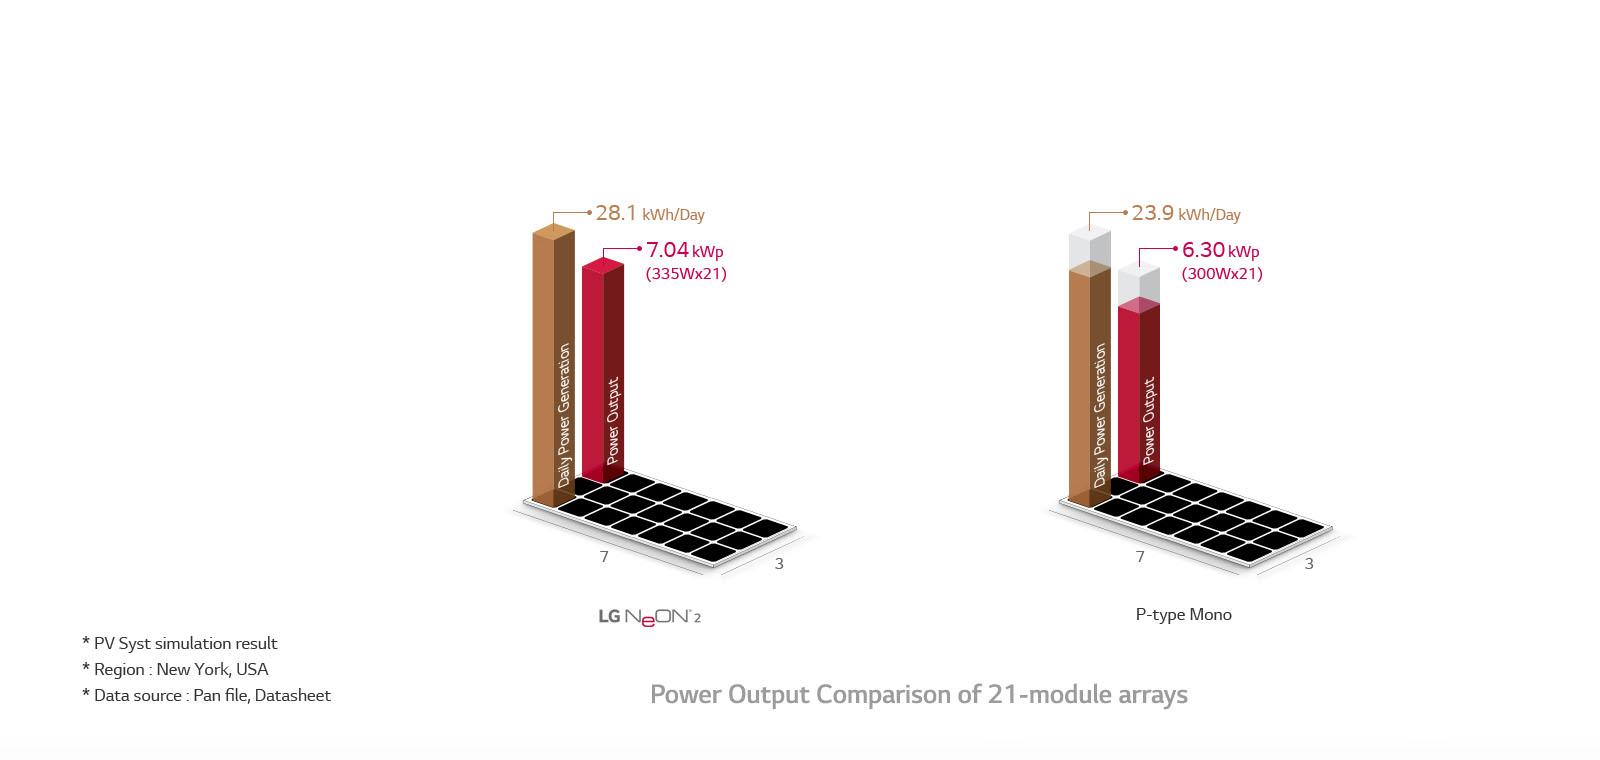 Pin mặt trời LG Neon2 400w sản sinh ra nhiều năng lượng hơn các tấm pin mặt trời thông thường